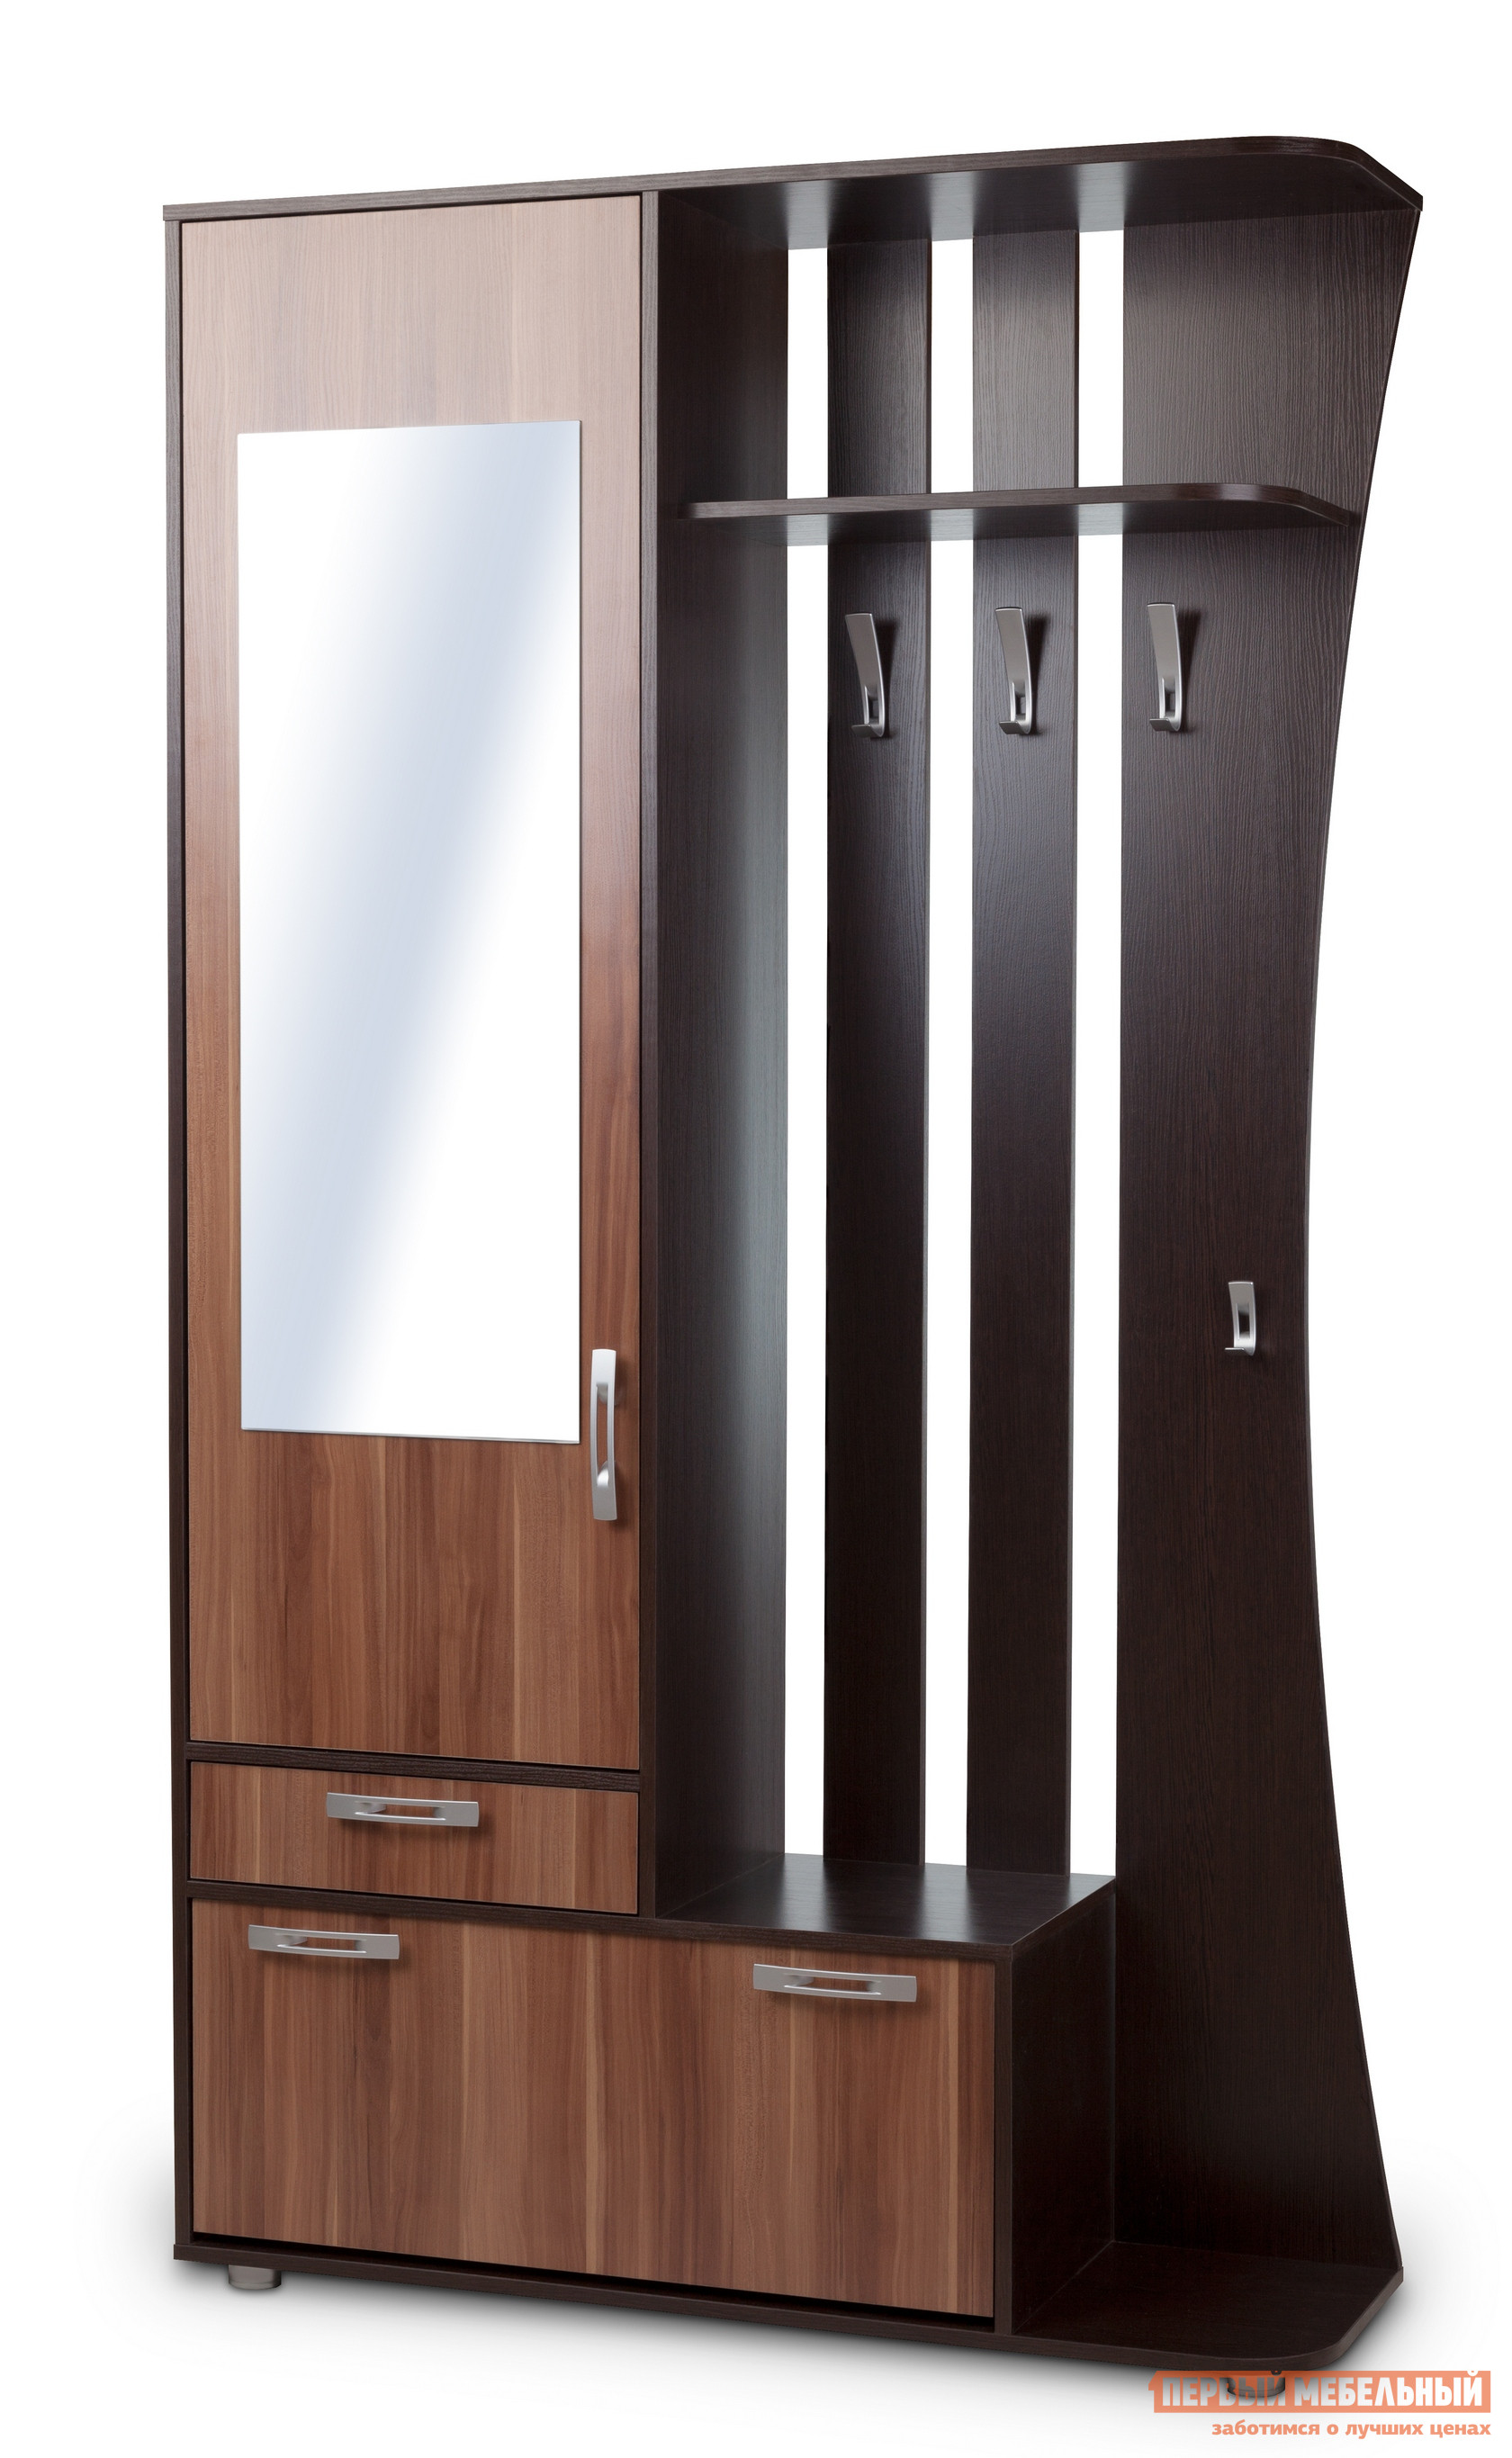 Прихожая Вентал Классик Венге / Слива ВаллисПрихожие в коридор<br>Габаритные размеры ВхШхГ 2140x1200x370 мм. Компактная, но выполняющая все необходимые функции, прихожая.  Включает в себя: два выдвижных ящика, шкаф для верхних вещей с зеркалом на дверце, вешалку с крючками для сезонной одежды и зонтика с ручкой, полку для хранения головных уборов. Ящики  в прихожей разной величины: один предназначен для хранения шарфов, перчаток или домашних мелочей, другой представляет из себя обувницу с двумя горизонтальными отсеками для обуви. Прихожая универсальна при сборке, зеркало может быть расположено с любой стороны.  Изготовлен из качественной ЛДСП, кант мебели обработан ПВХ. Размер зеркала составляет (ВхШ): 1000 х 370 мм.<br><br>Цвет: Коричневое дерево<br>Высота мм: 2140<br>Ширина мм: 1200<br>Глубина мм: 370<br>Кол-во упаковок: 2<br>Форма поставки: В разобранном виде<br>Срок гарантии: 2 года<br>Тип: Прямые<br>Характеристика: Немодульные<br>Материал: ЛДСП<br>Размер: Маленькие<br>Размер: Глубина до 40 см<br>Размер: Глубина до 45 см<br>Размер: Ширина до 120 см<br>Размер: Ширина до 130 см<br>Размер: Ширина до 140 см<br>С зеркалом: Да<br>С открытой вешалкой: Да<br>На ножках: Да<br>С обувницей: Да<br>Со шкафом: Да<br>С распашным шкафом: Да<br>Стиль: Современный